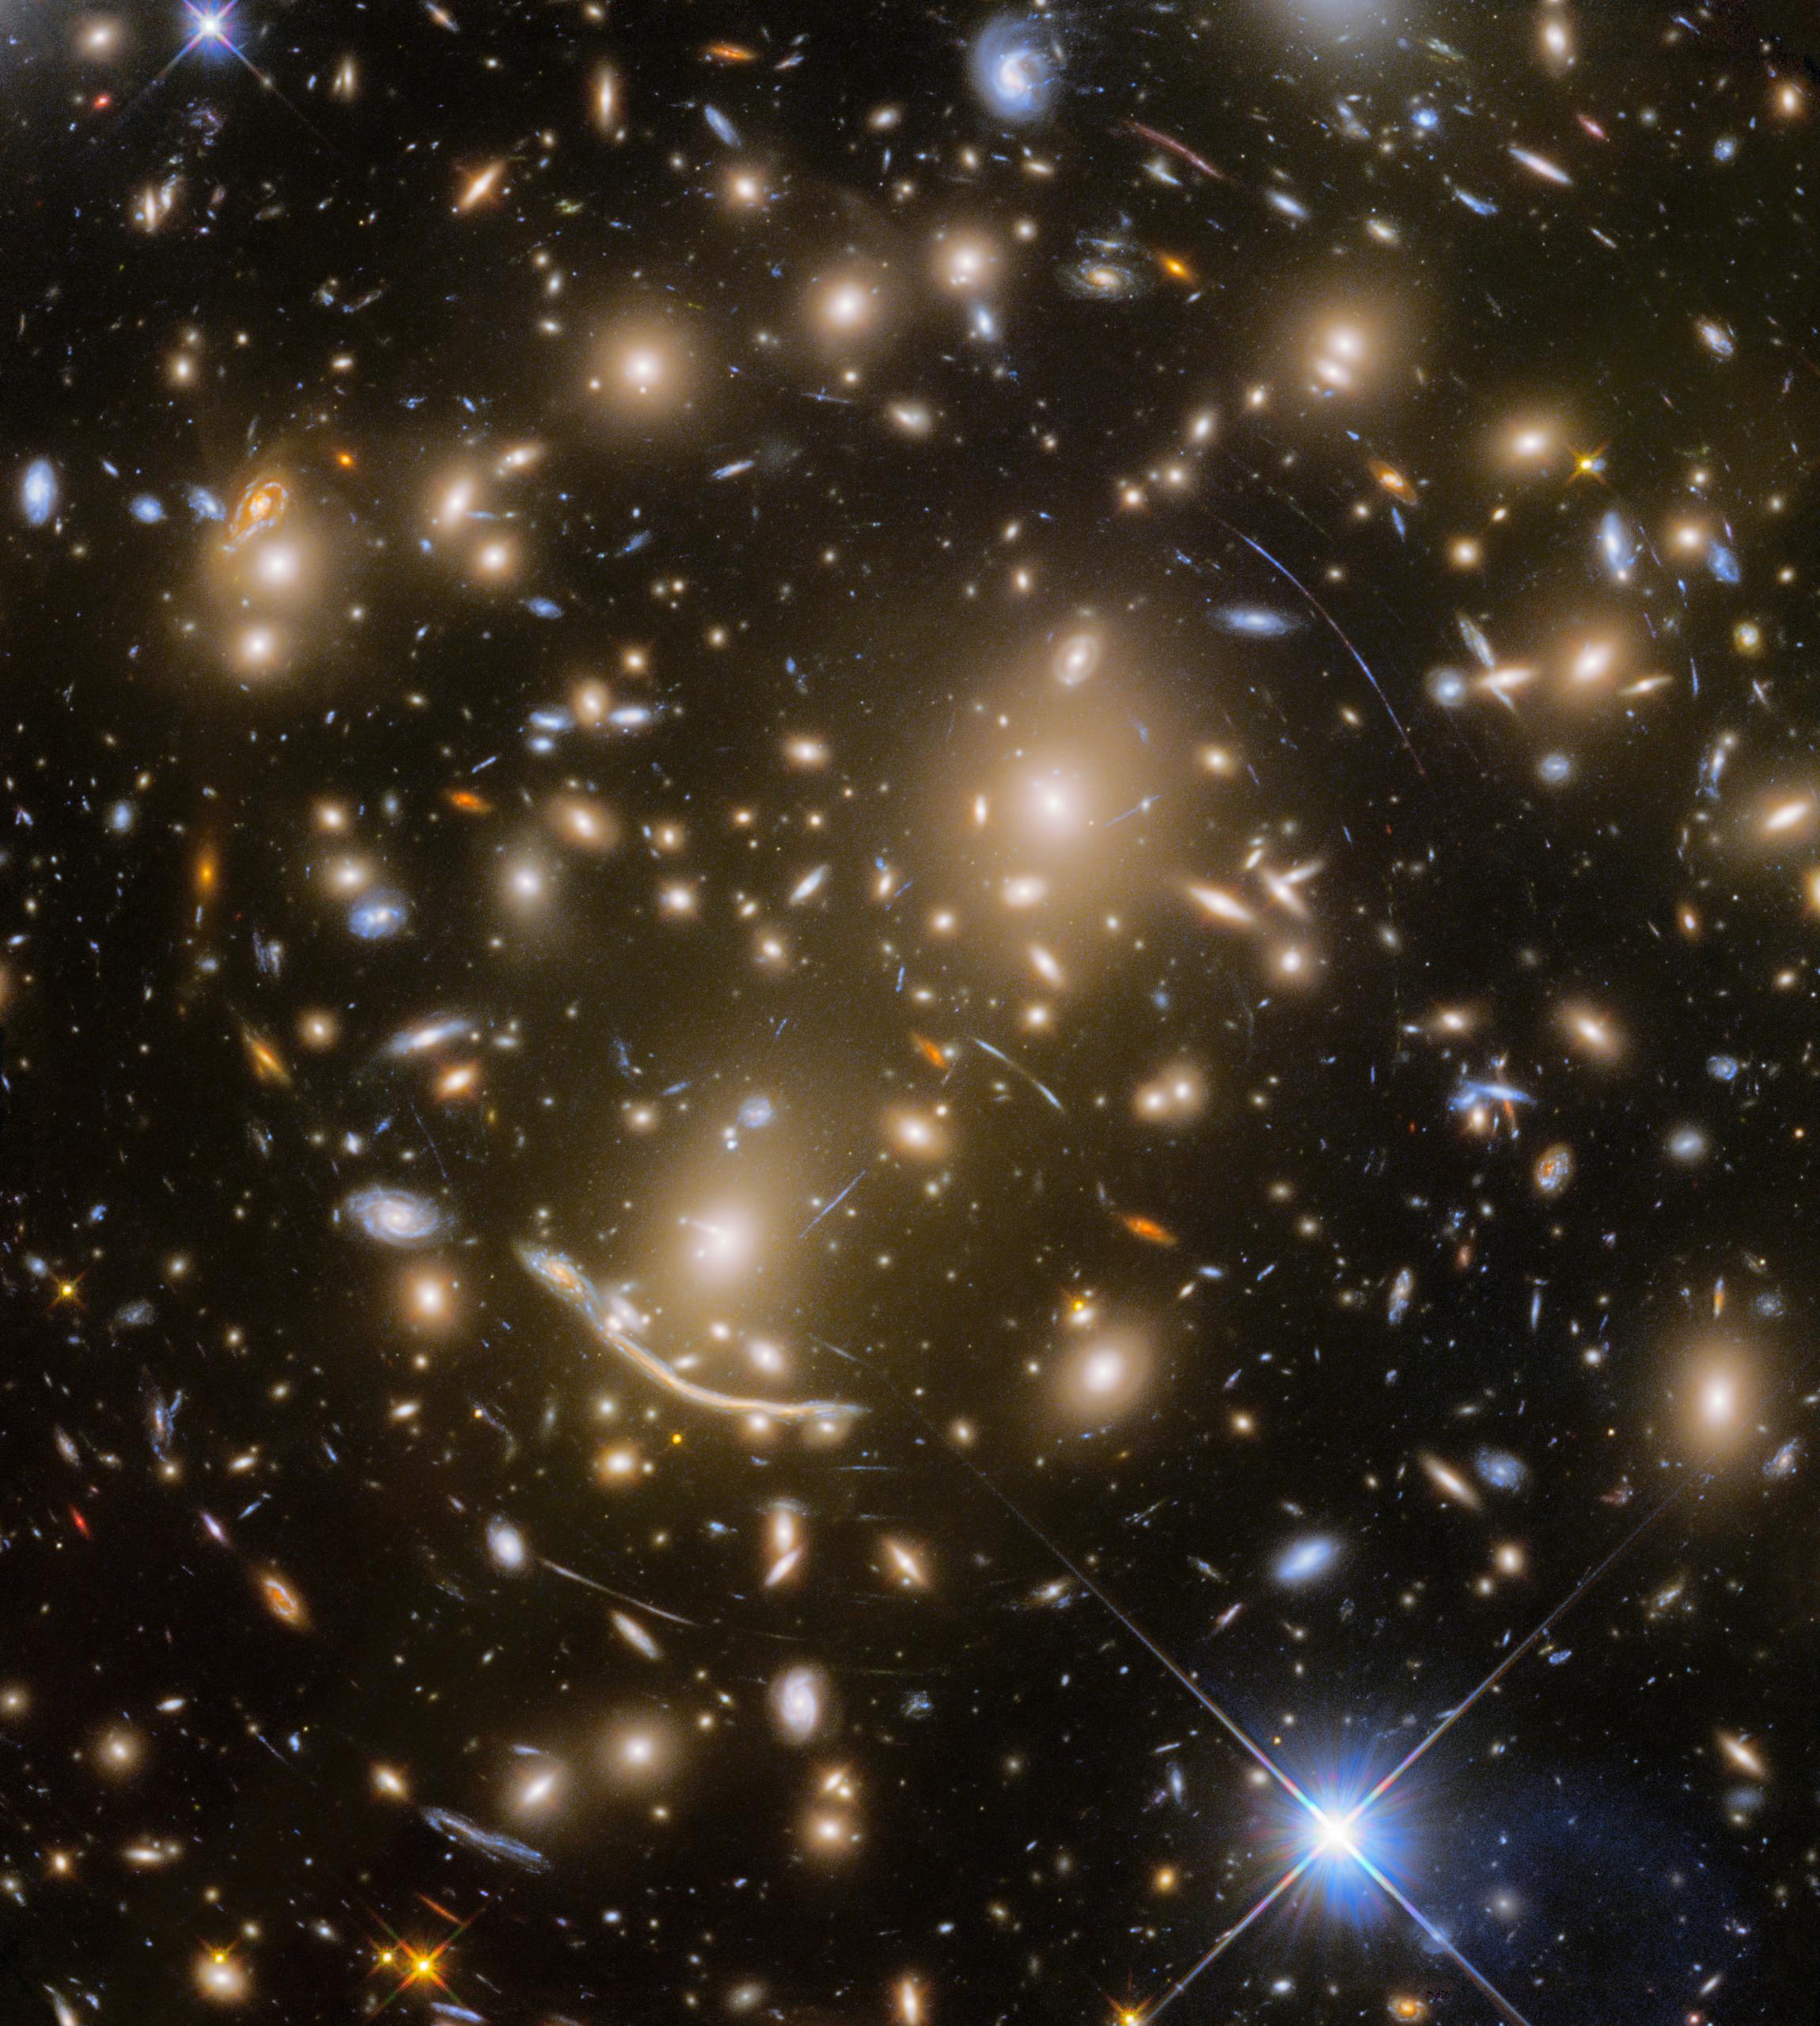 Галактическое скопление Abell 370